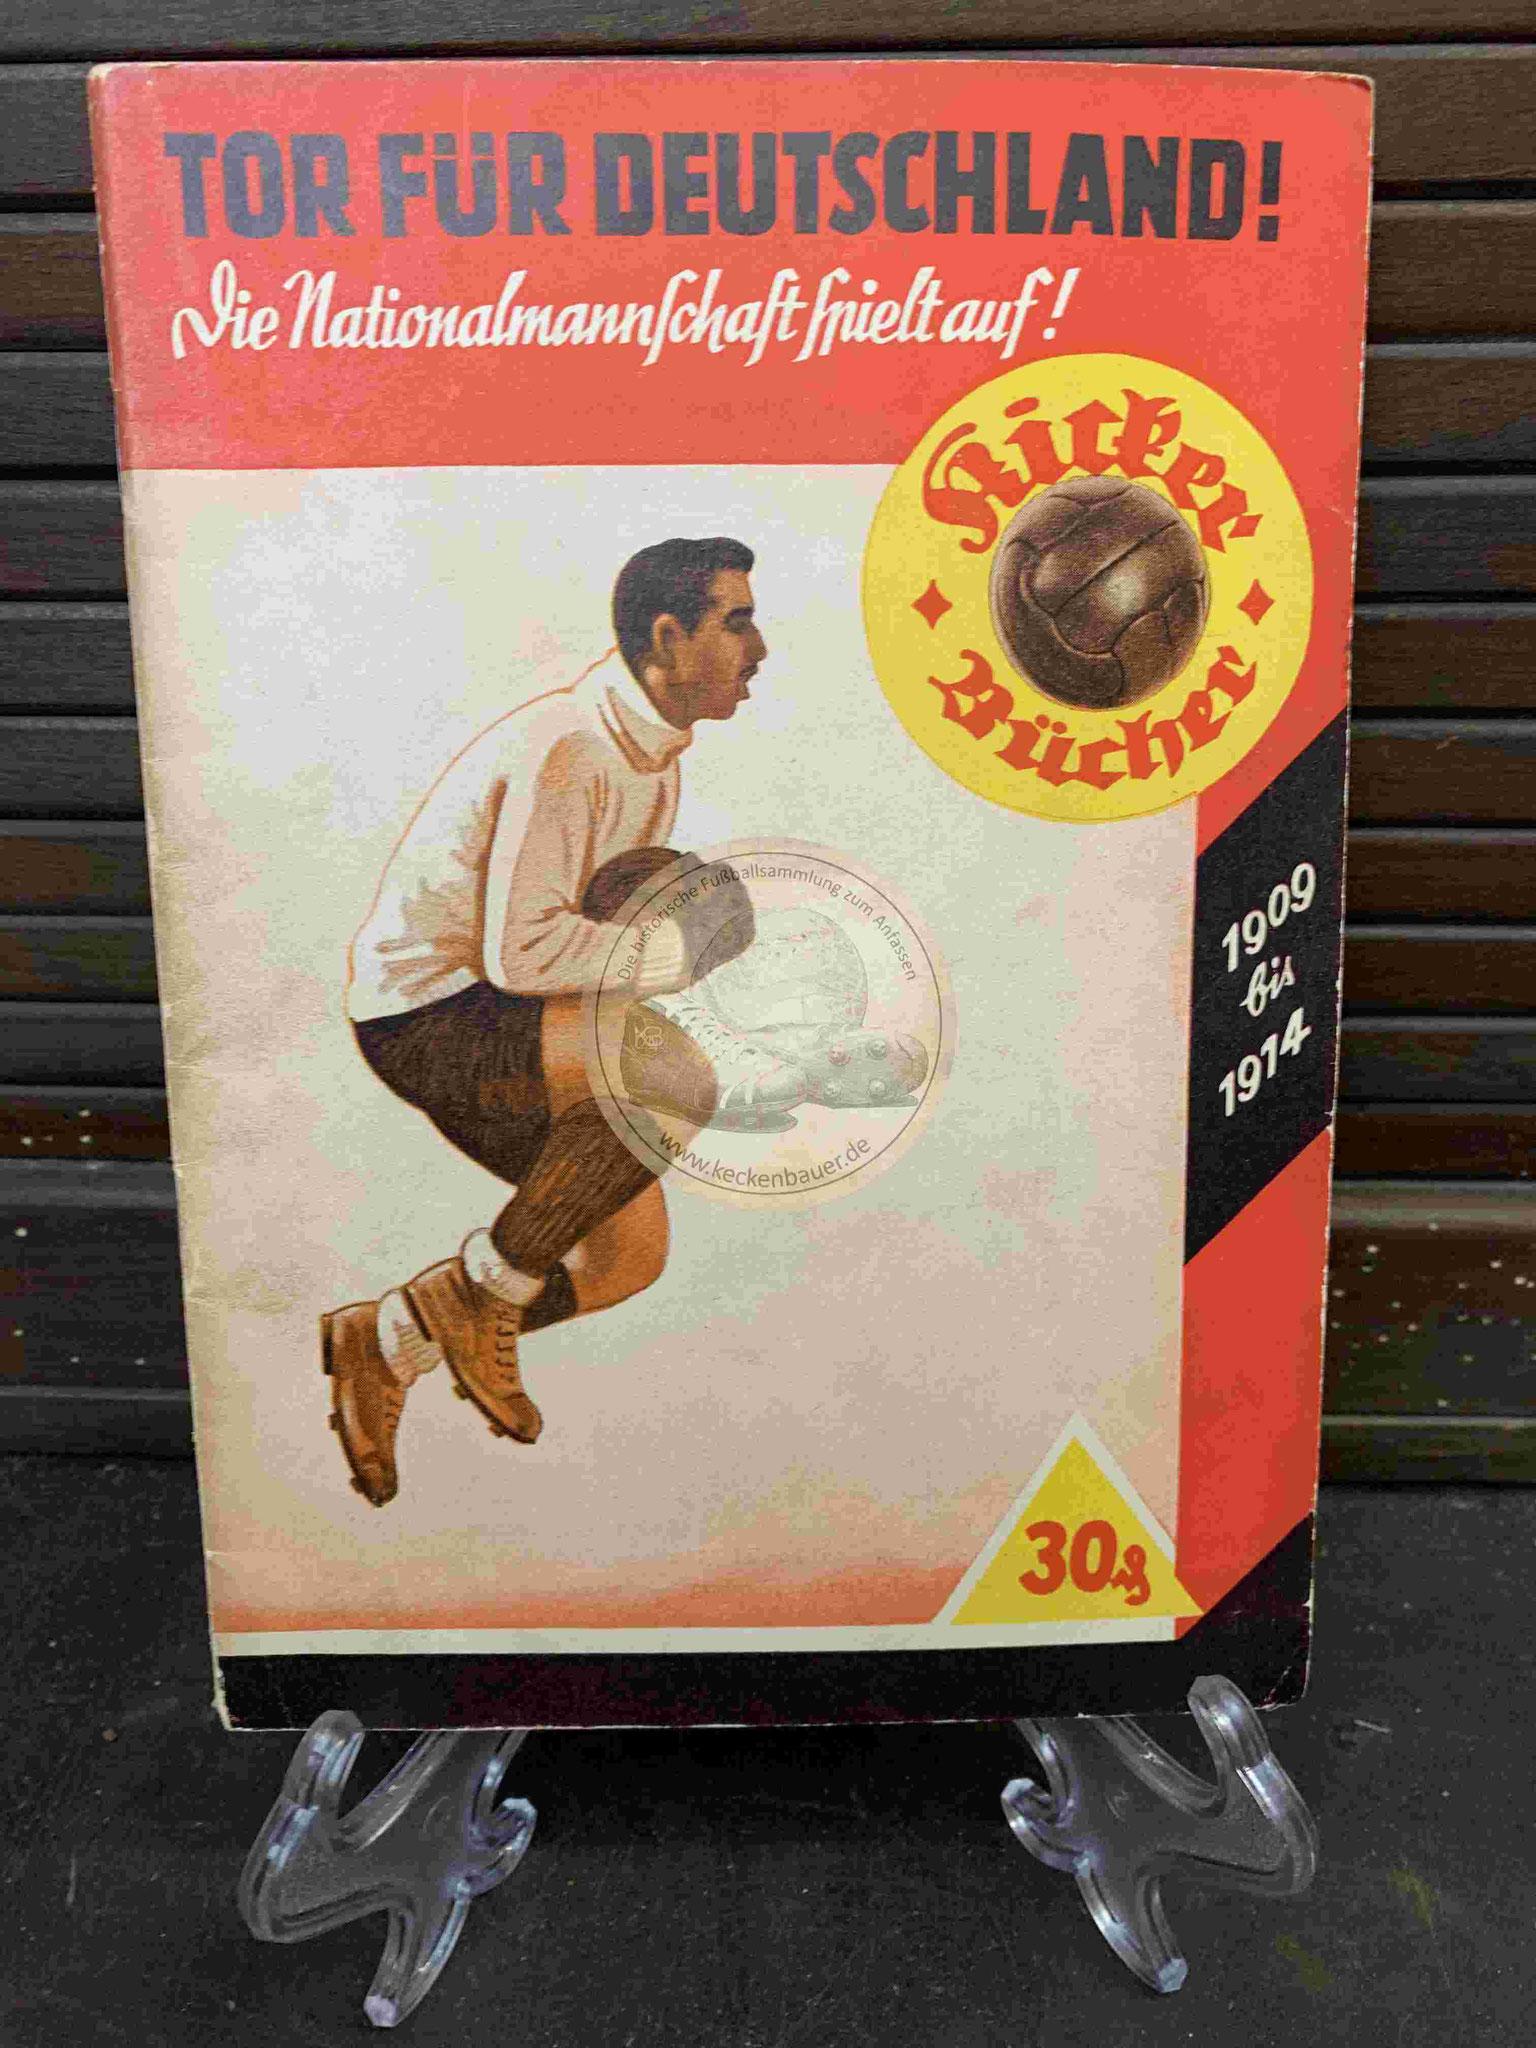 Tor für Deutschland! Die Nationalmannschaft spielt auf! Kicker Bücher aus dem Jahr 1914